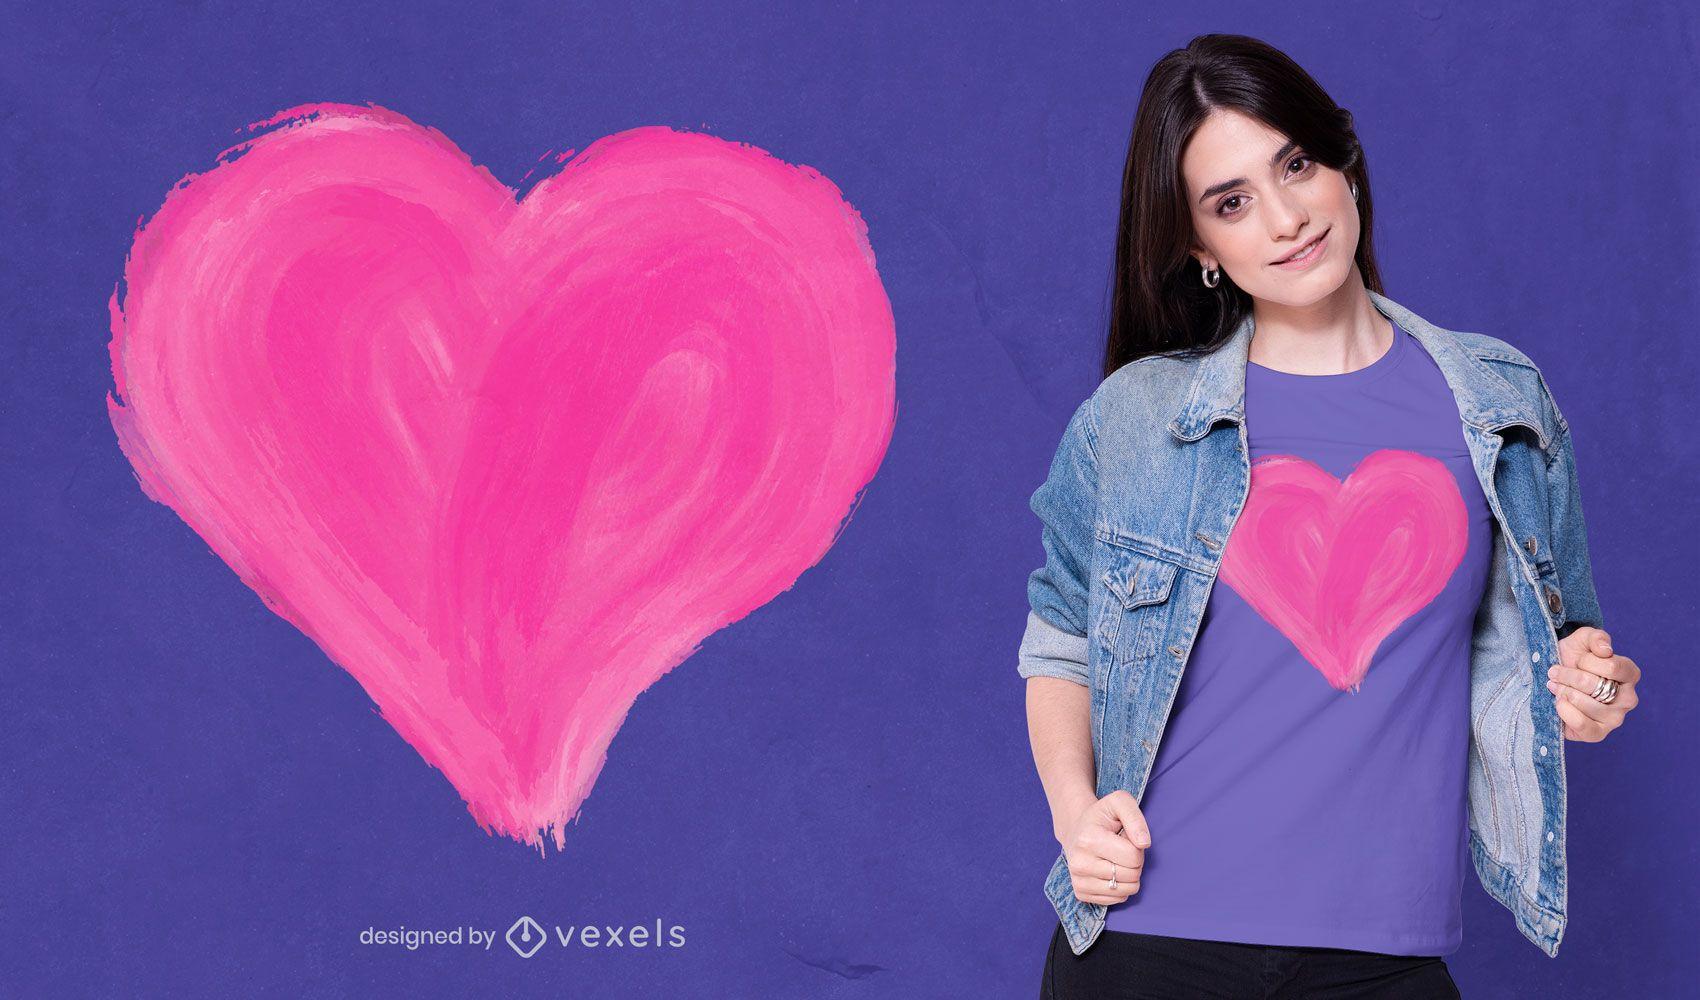 Dise?o de camiseta de coraz?n pintado